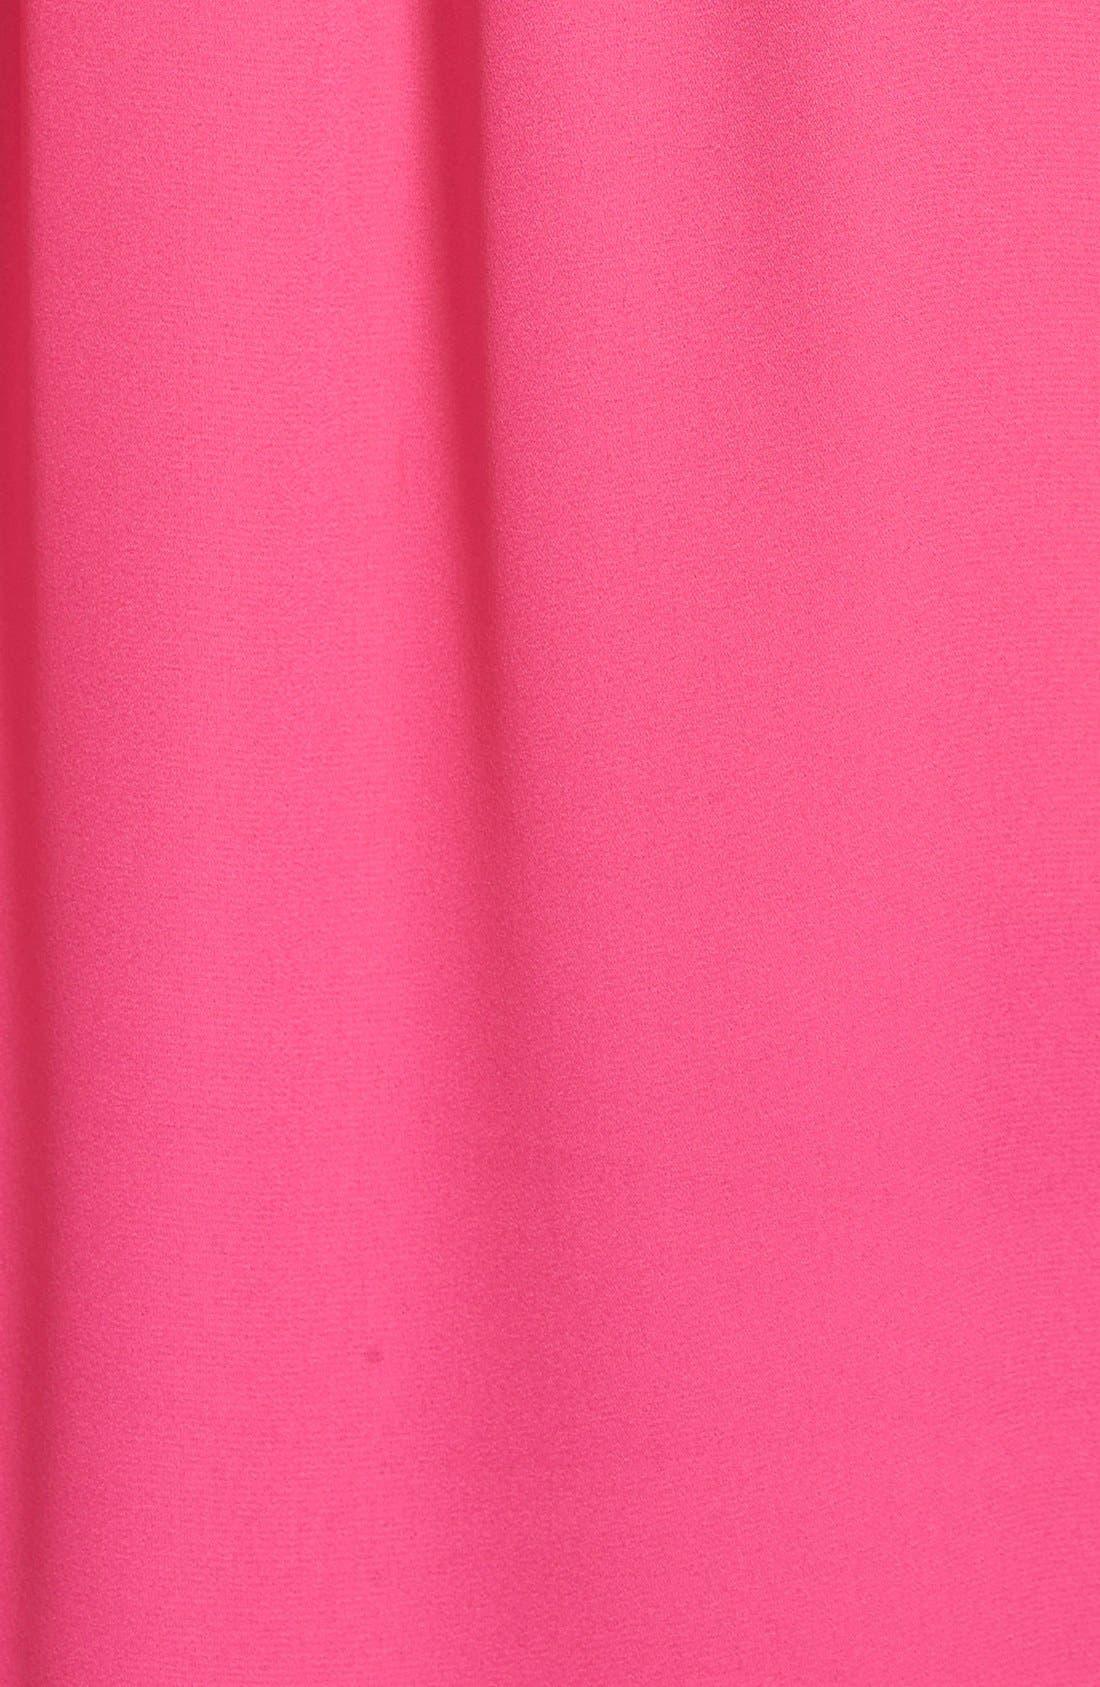 VINCE CAMUTO,                             Tie Neck Drape Front Blouse,                             Alternate thumbnail 3, color,                             650